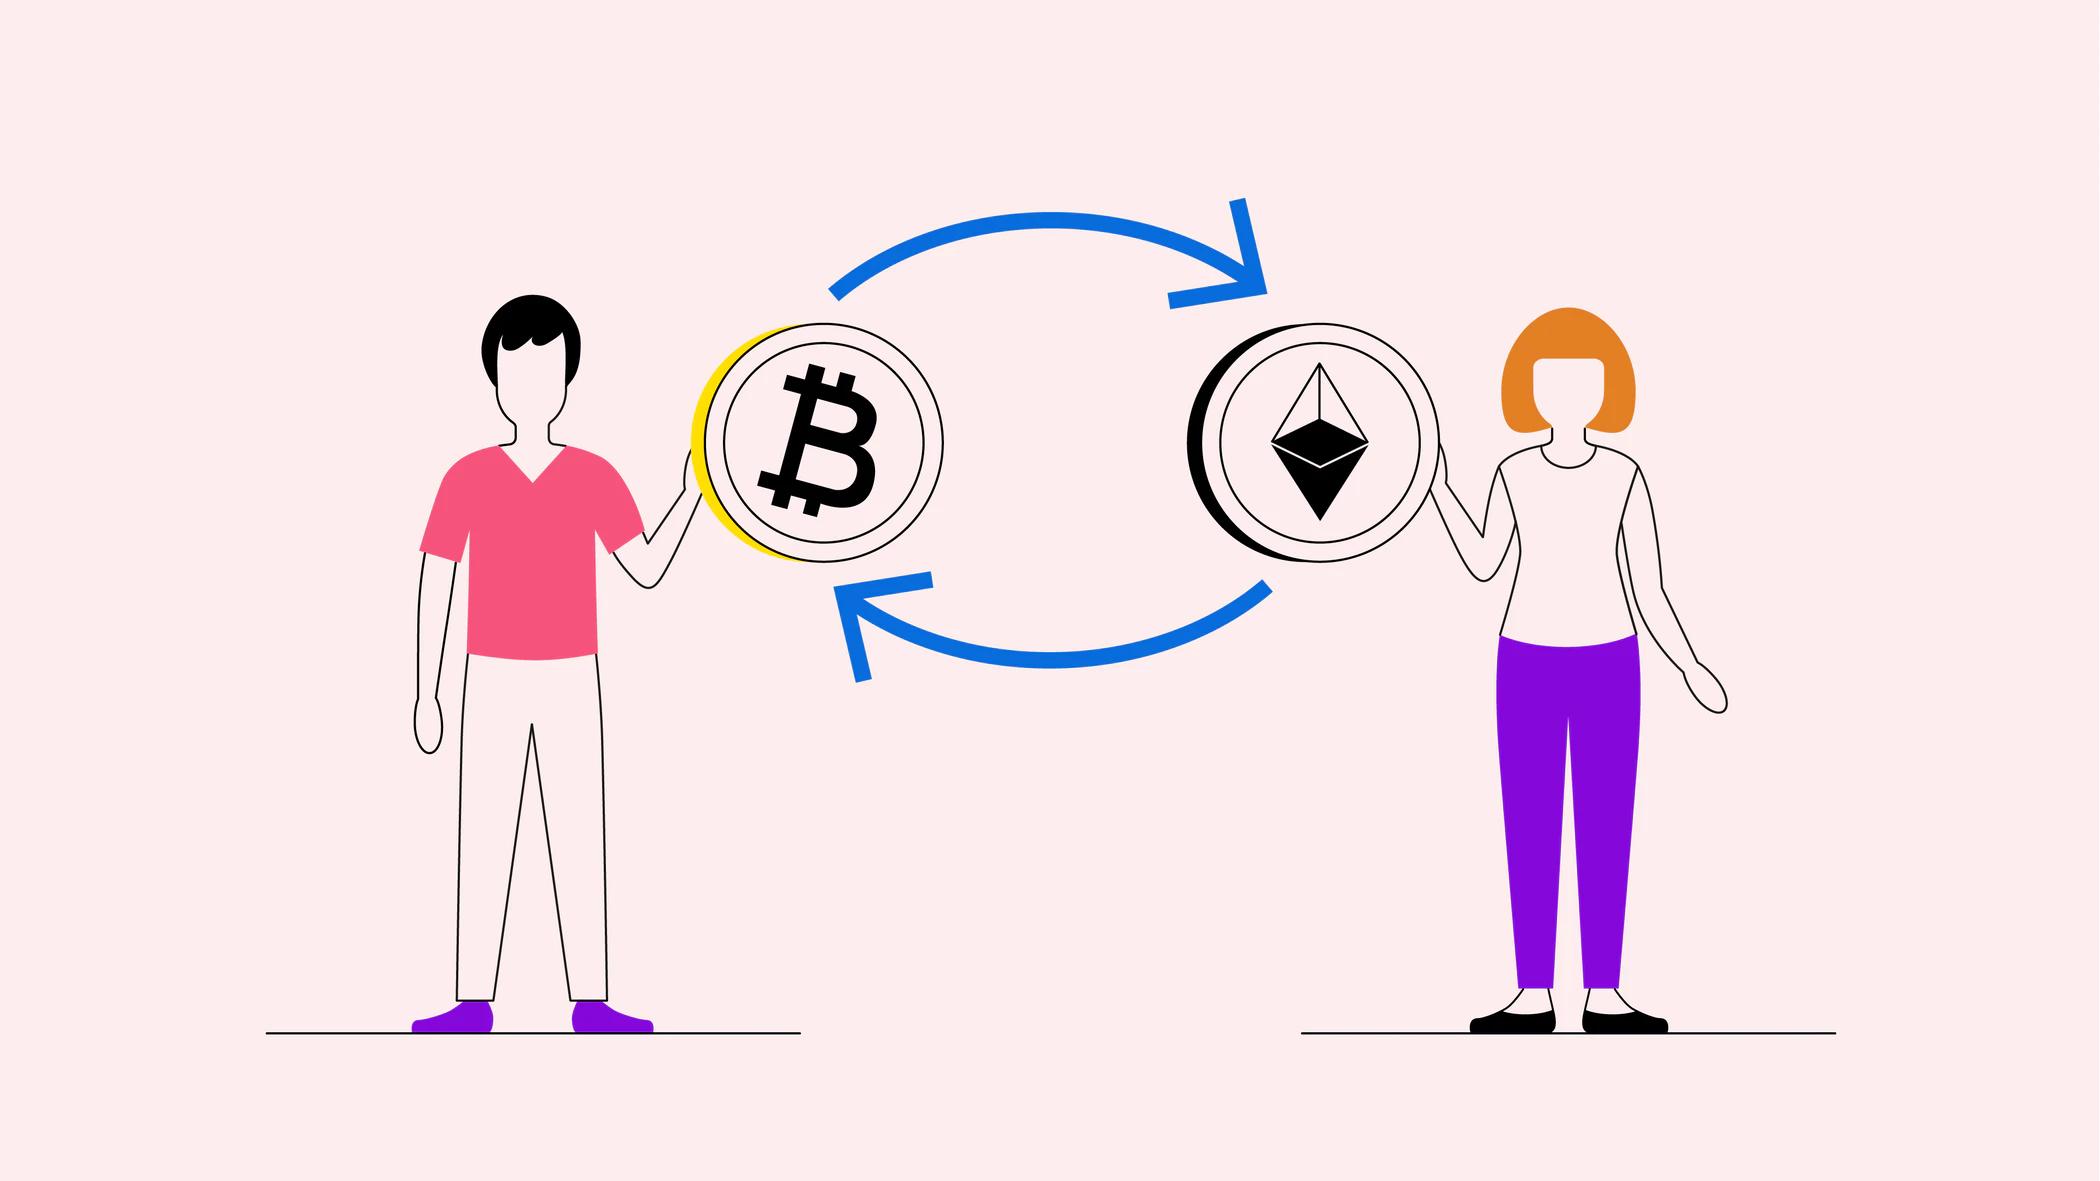 مبادلات اتمیک ارزهای دیجیتال چیست و چه کاربردی دارد؟ 1